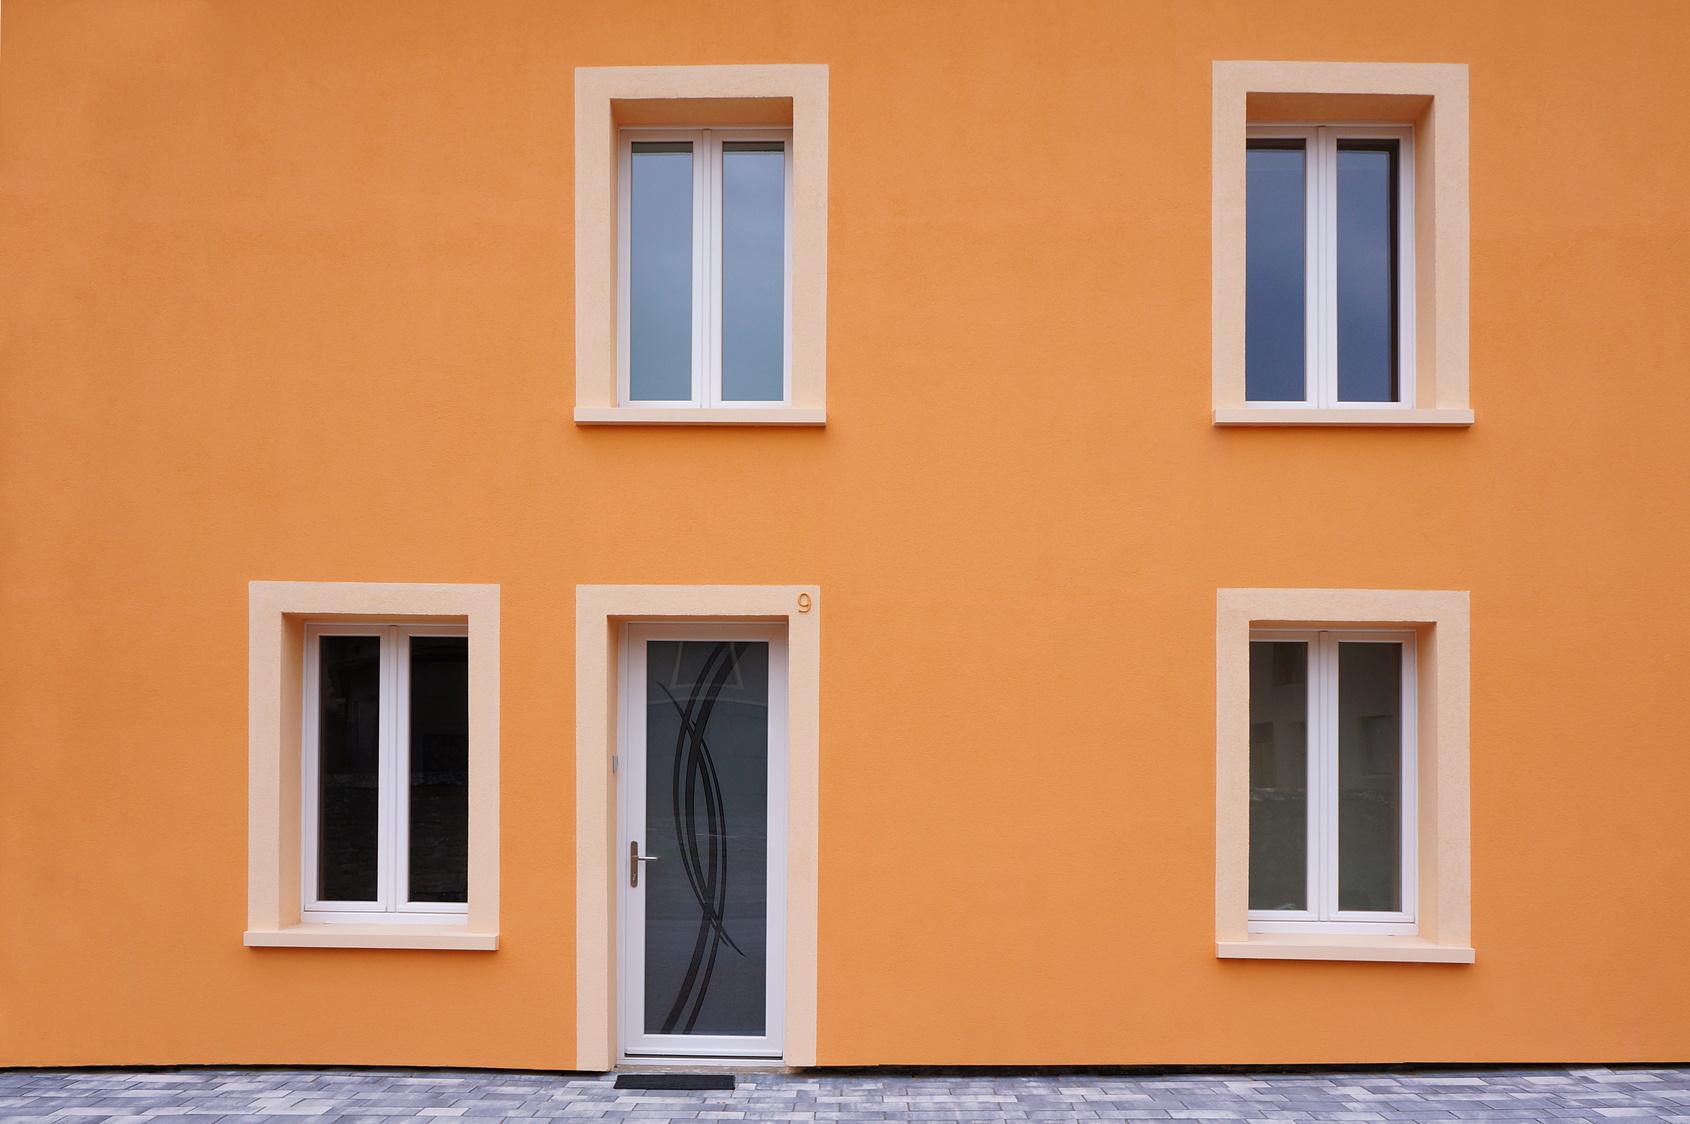 Souvent Faire un enduit de façade : tout ce qu'il faut savoir pour faire  PJ84